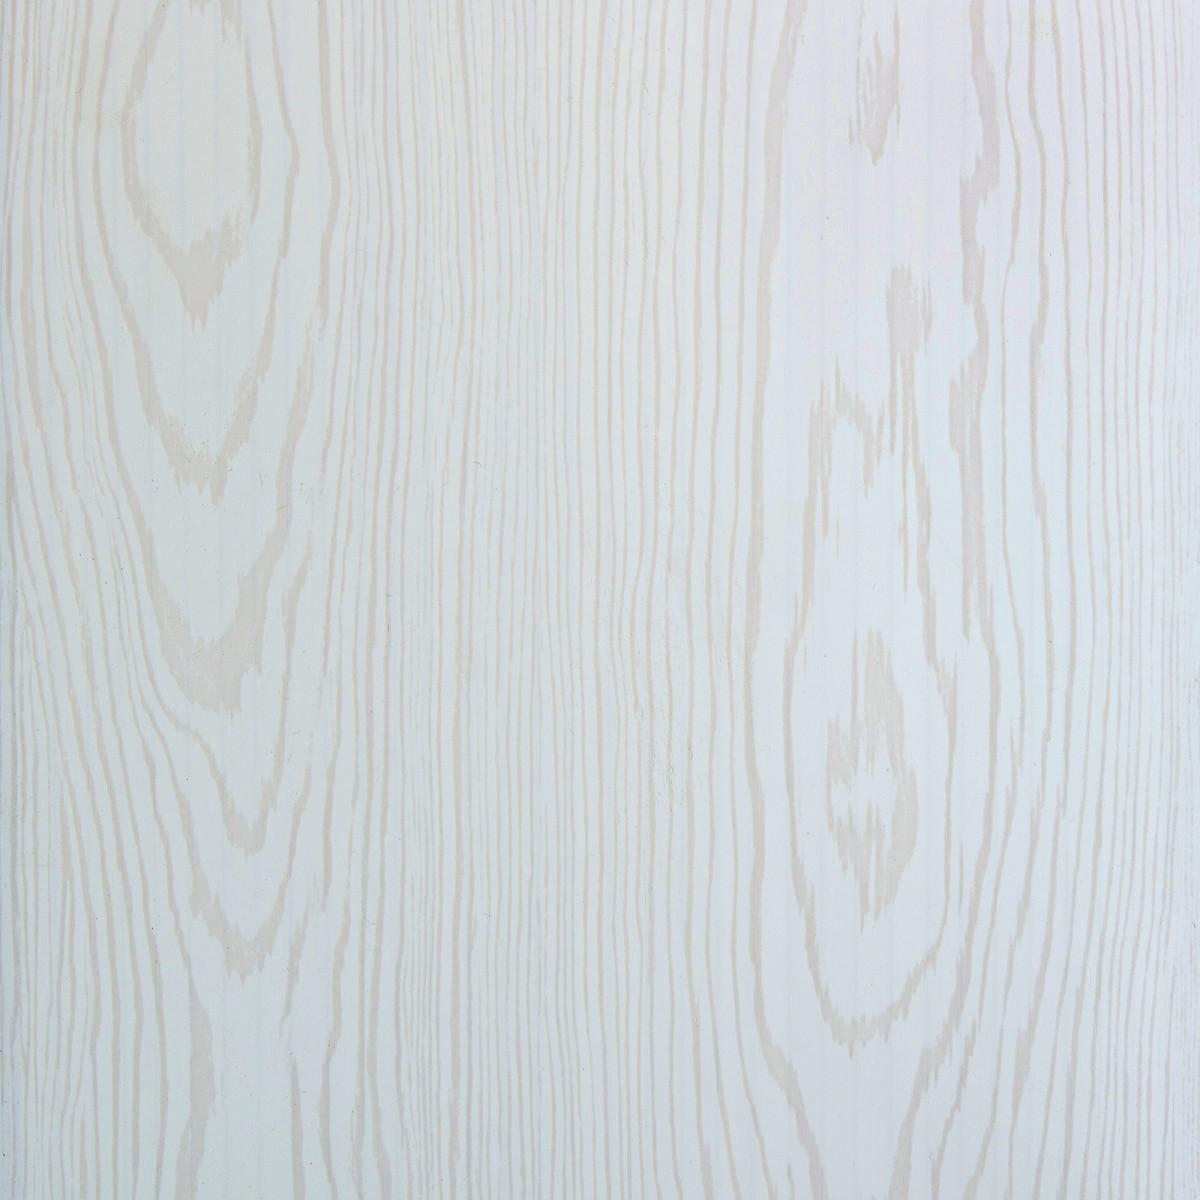 Панель ПВХ матовая Сосна 5x250x2700 мм белый